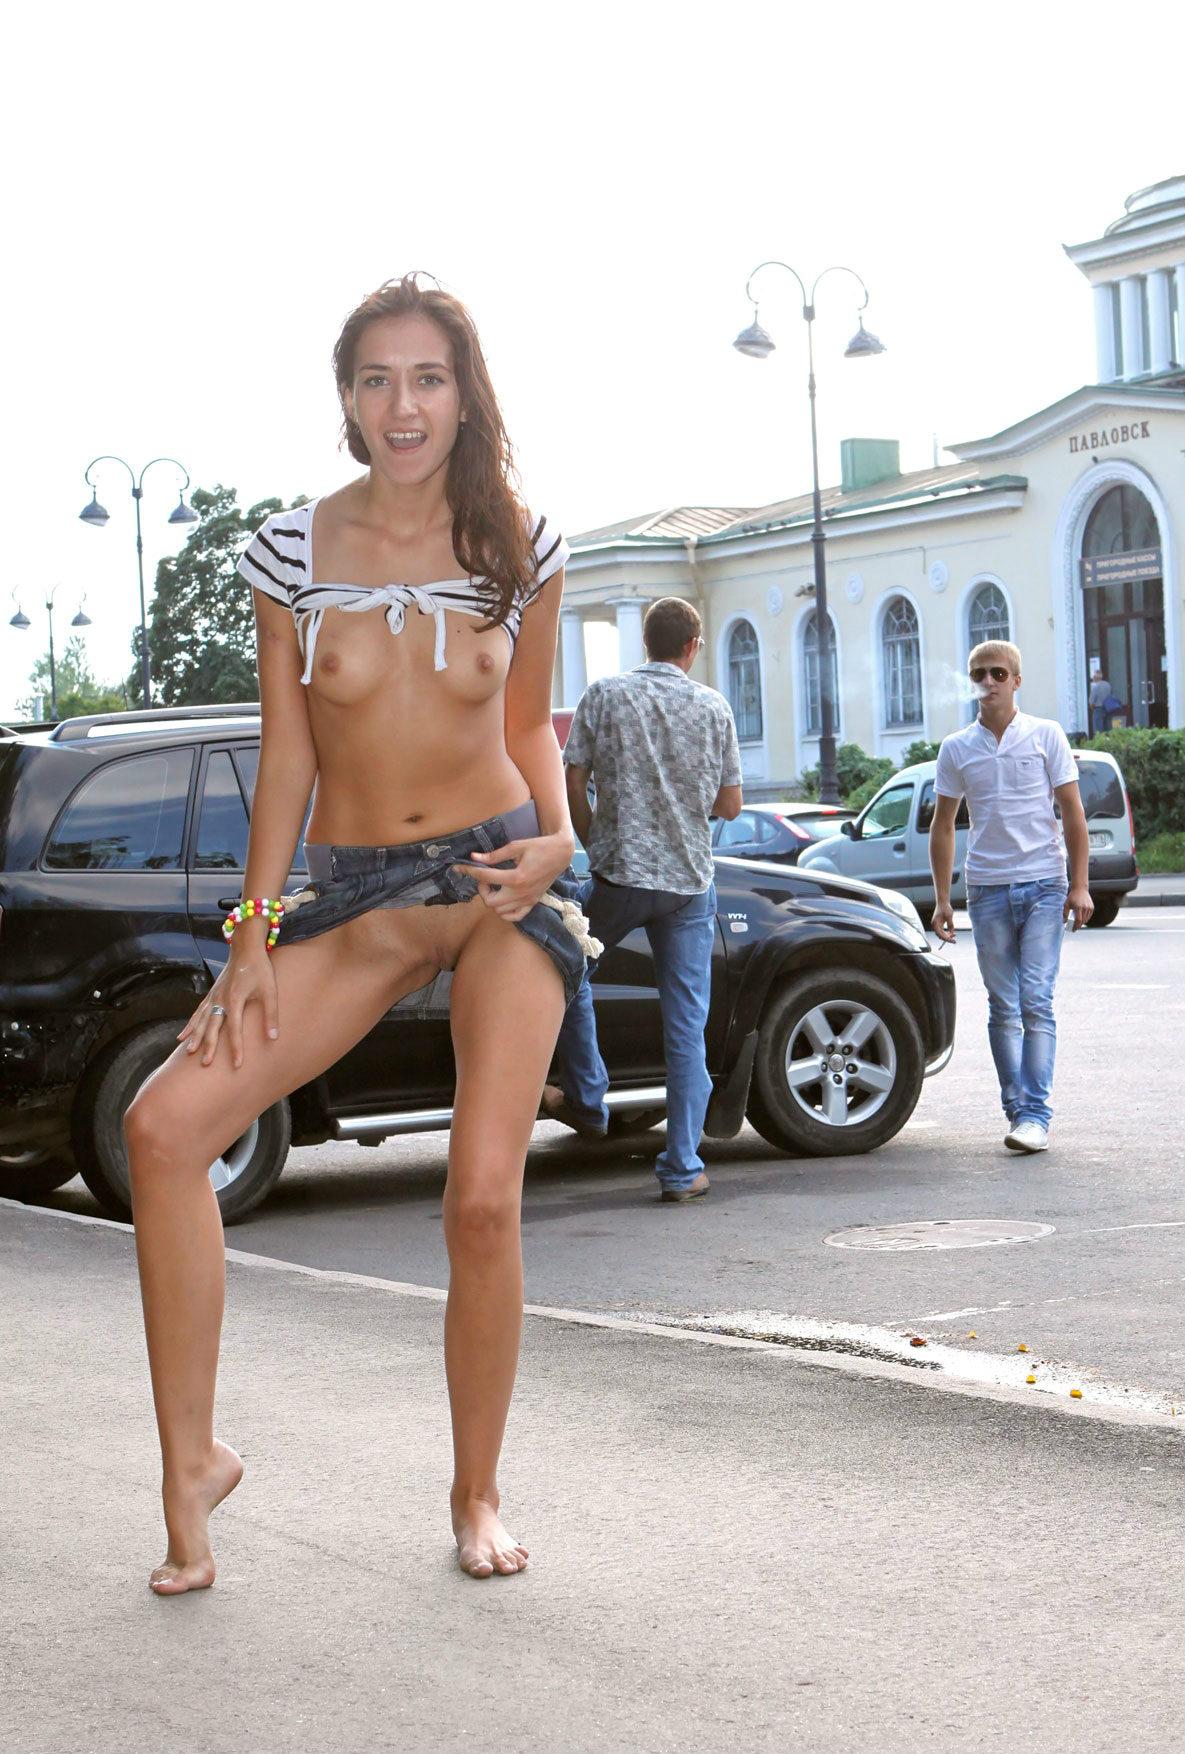 catalogo de prostitutas prostitutas de la calle